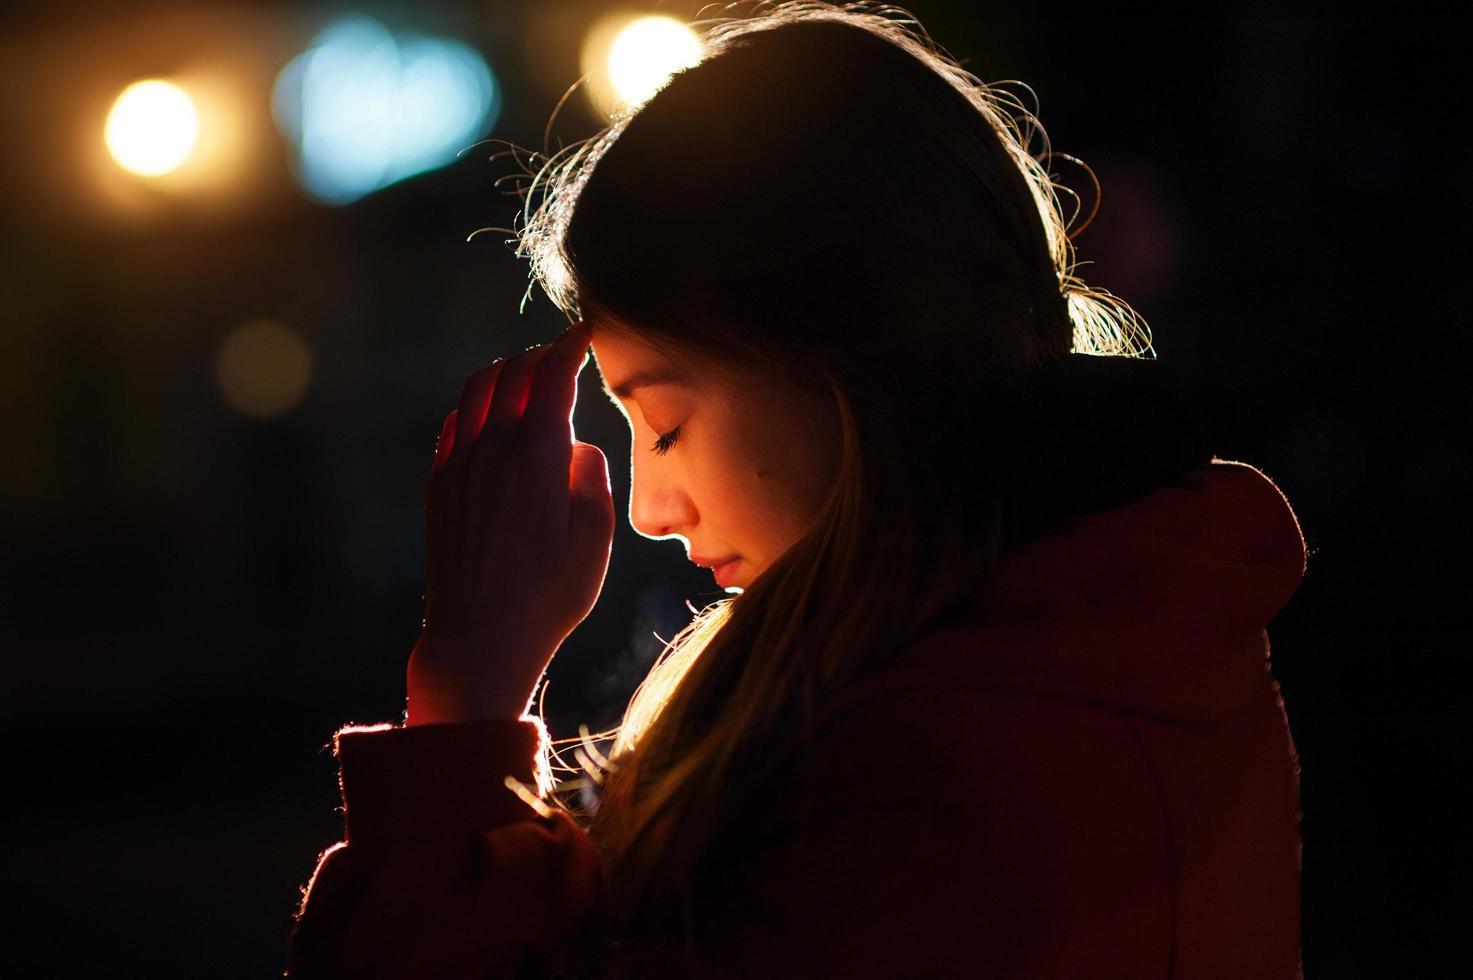 porträtt av en ung kvinna med slutna ögon foto